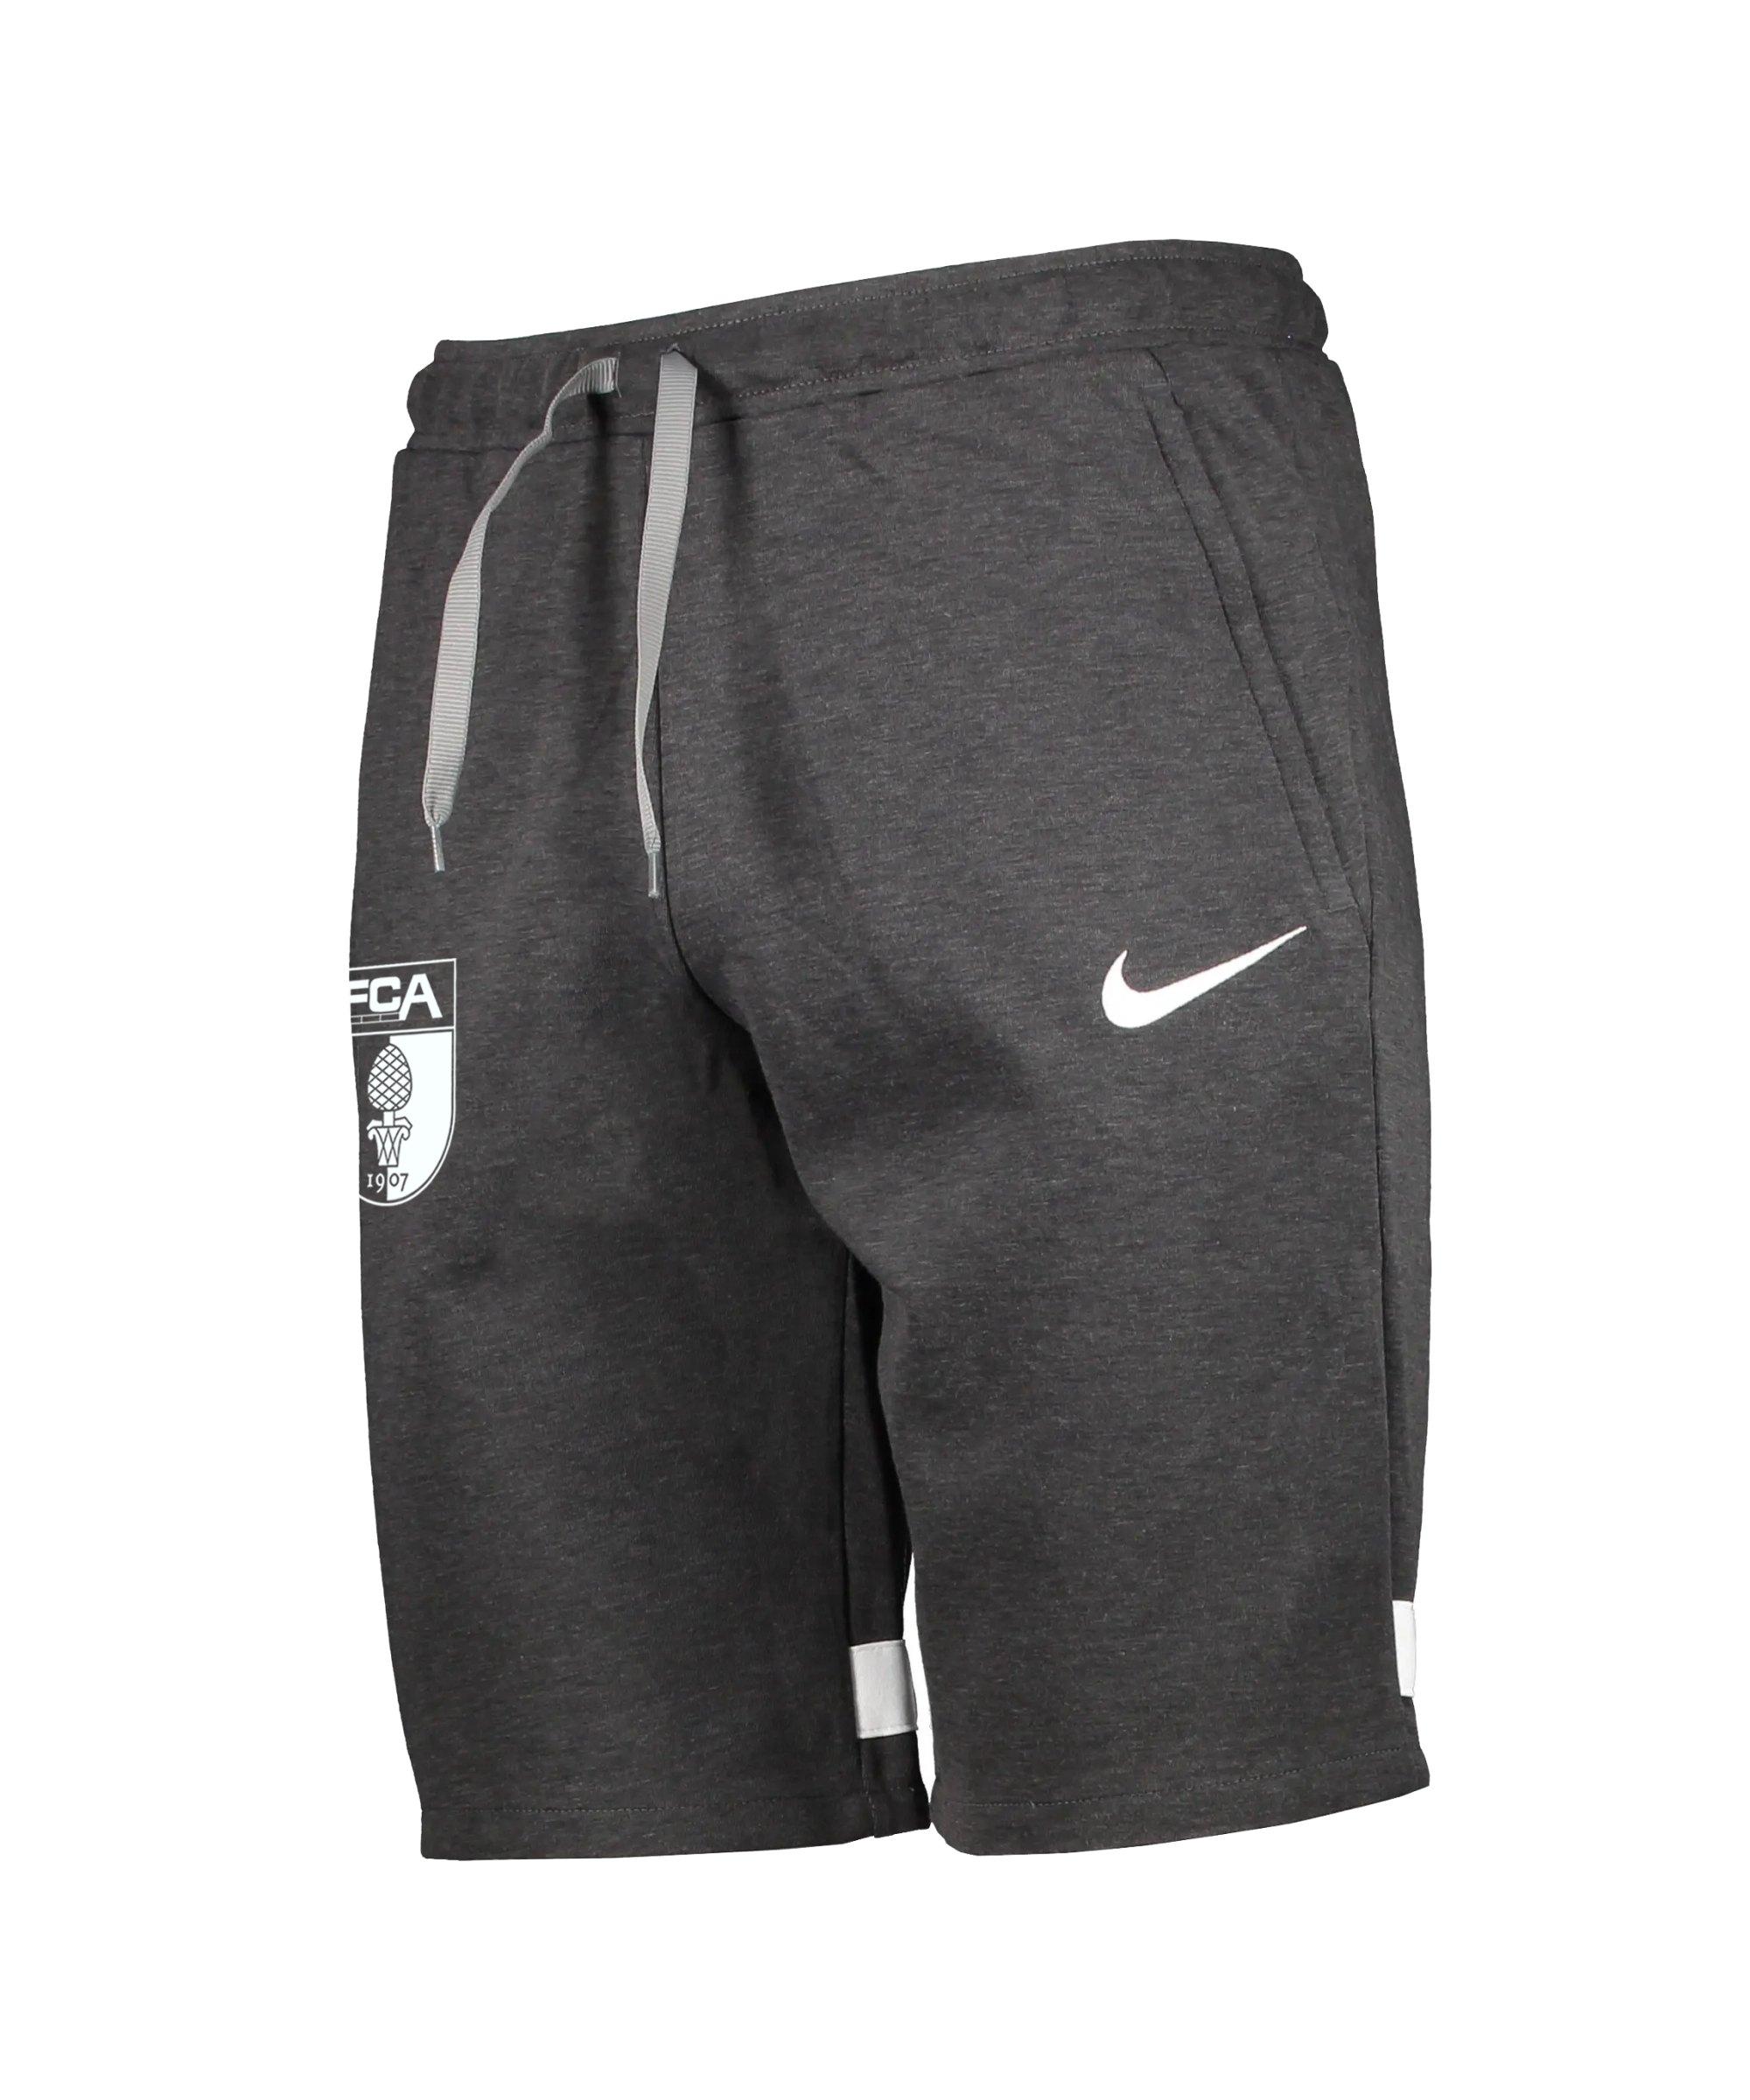 Nike FC Augsburg Fleece Short Grau F011 - grau